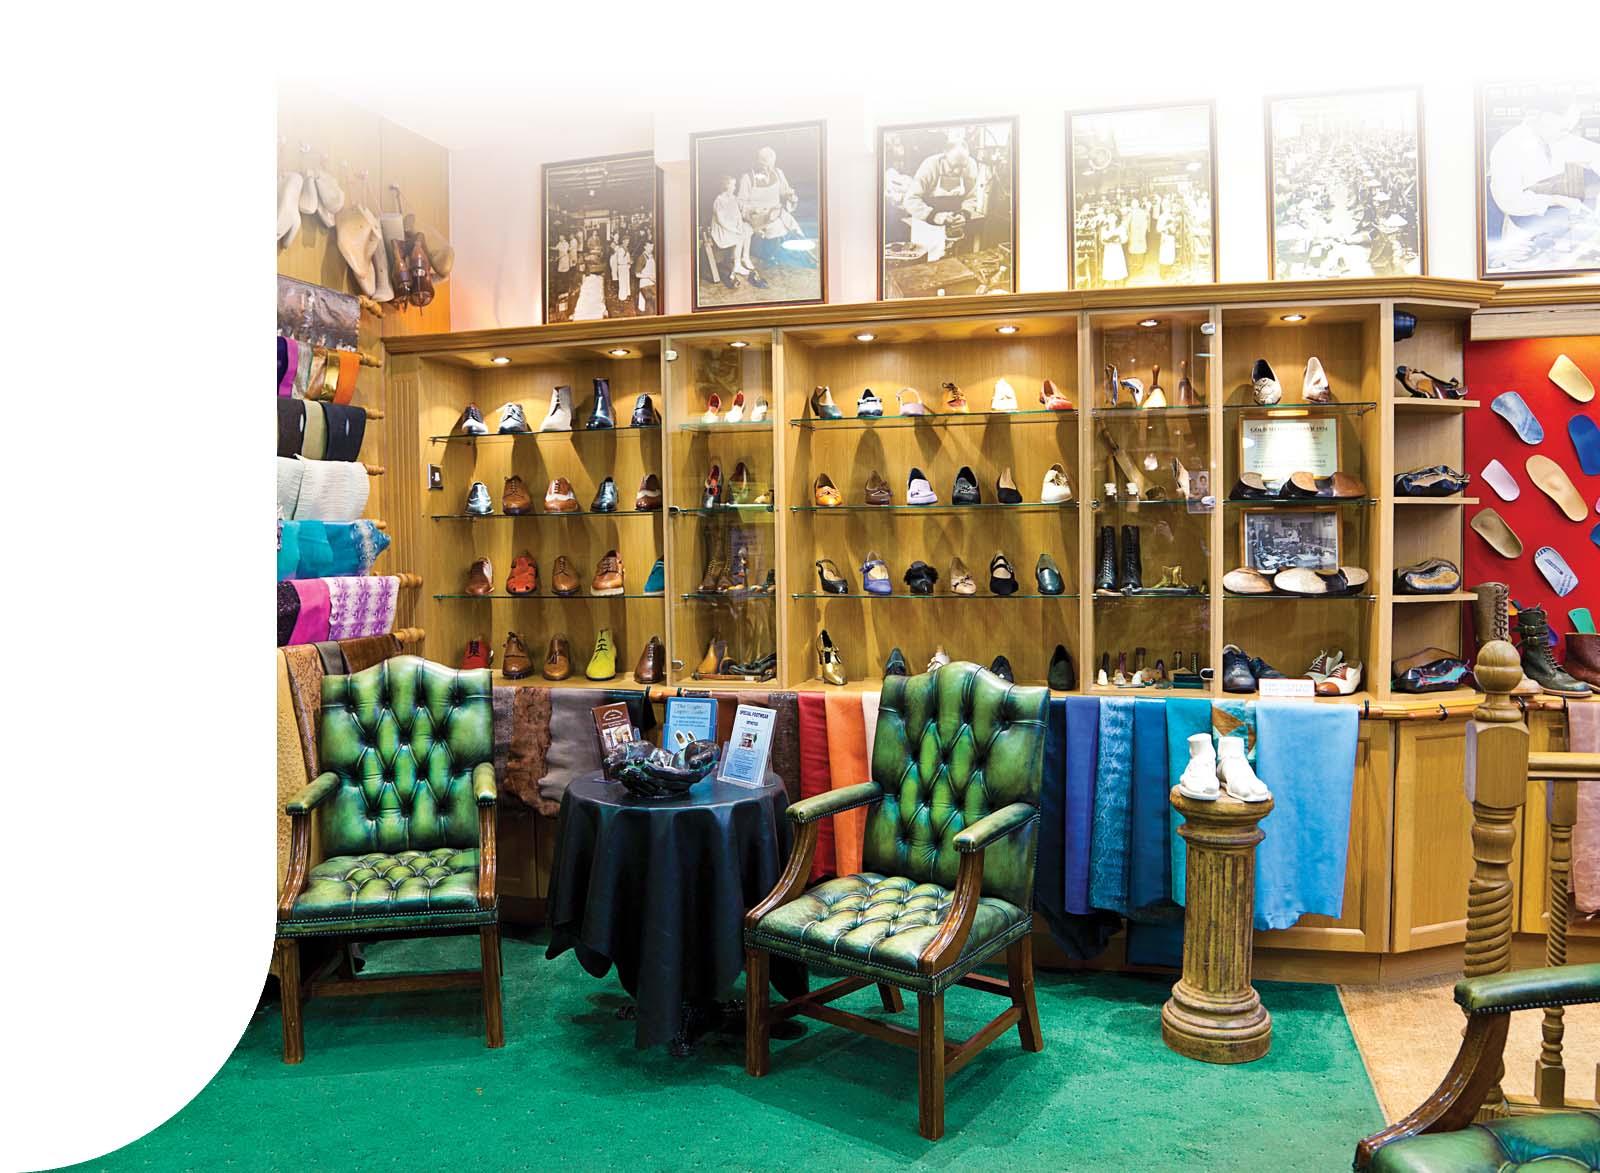 https://specialfootwear.co.uk/wp-content/uploads/2021/10/new-home-slider-inside-shop.jpg